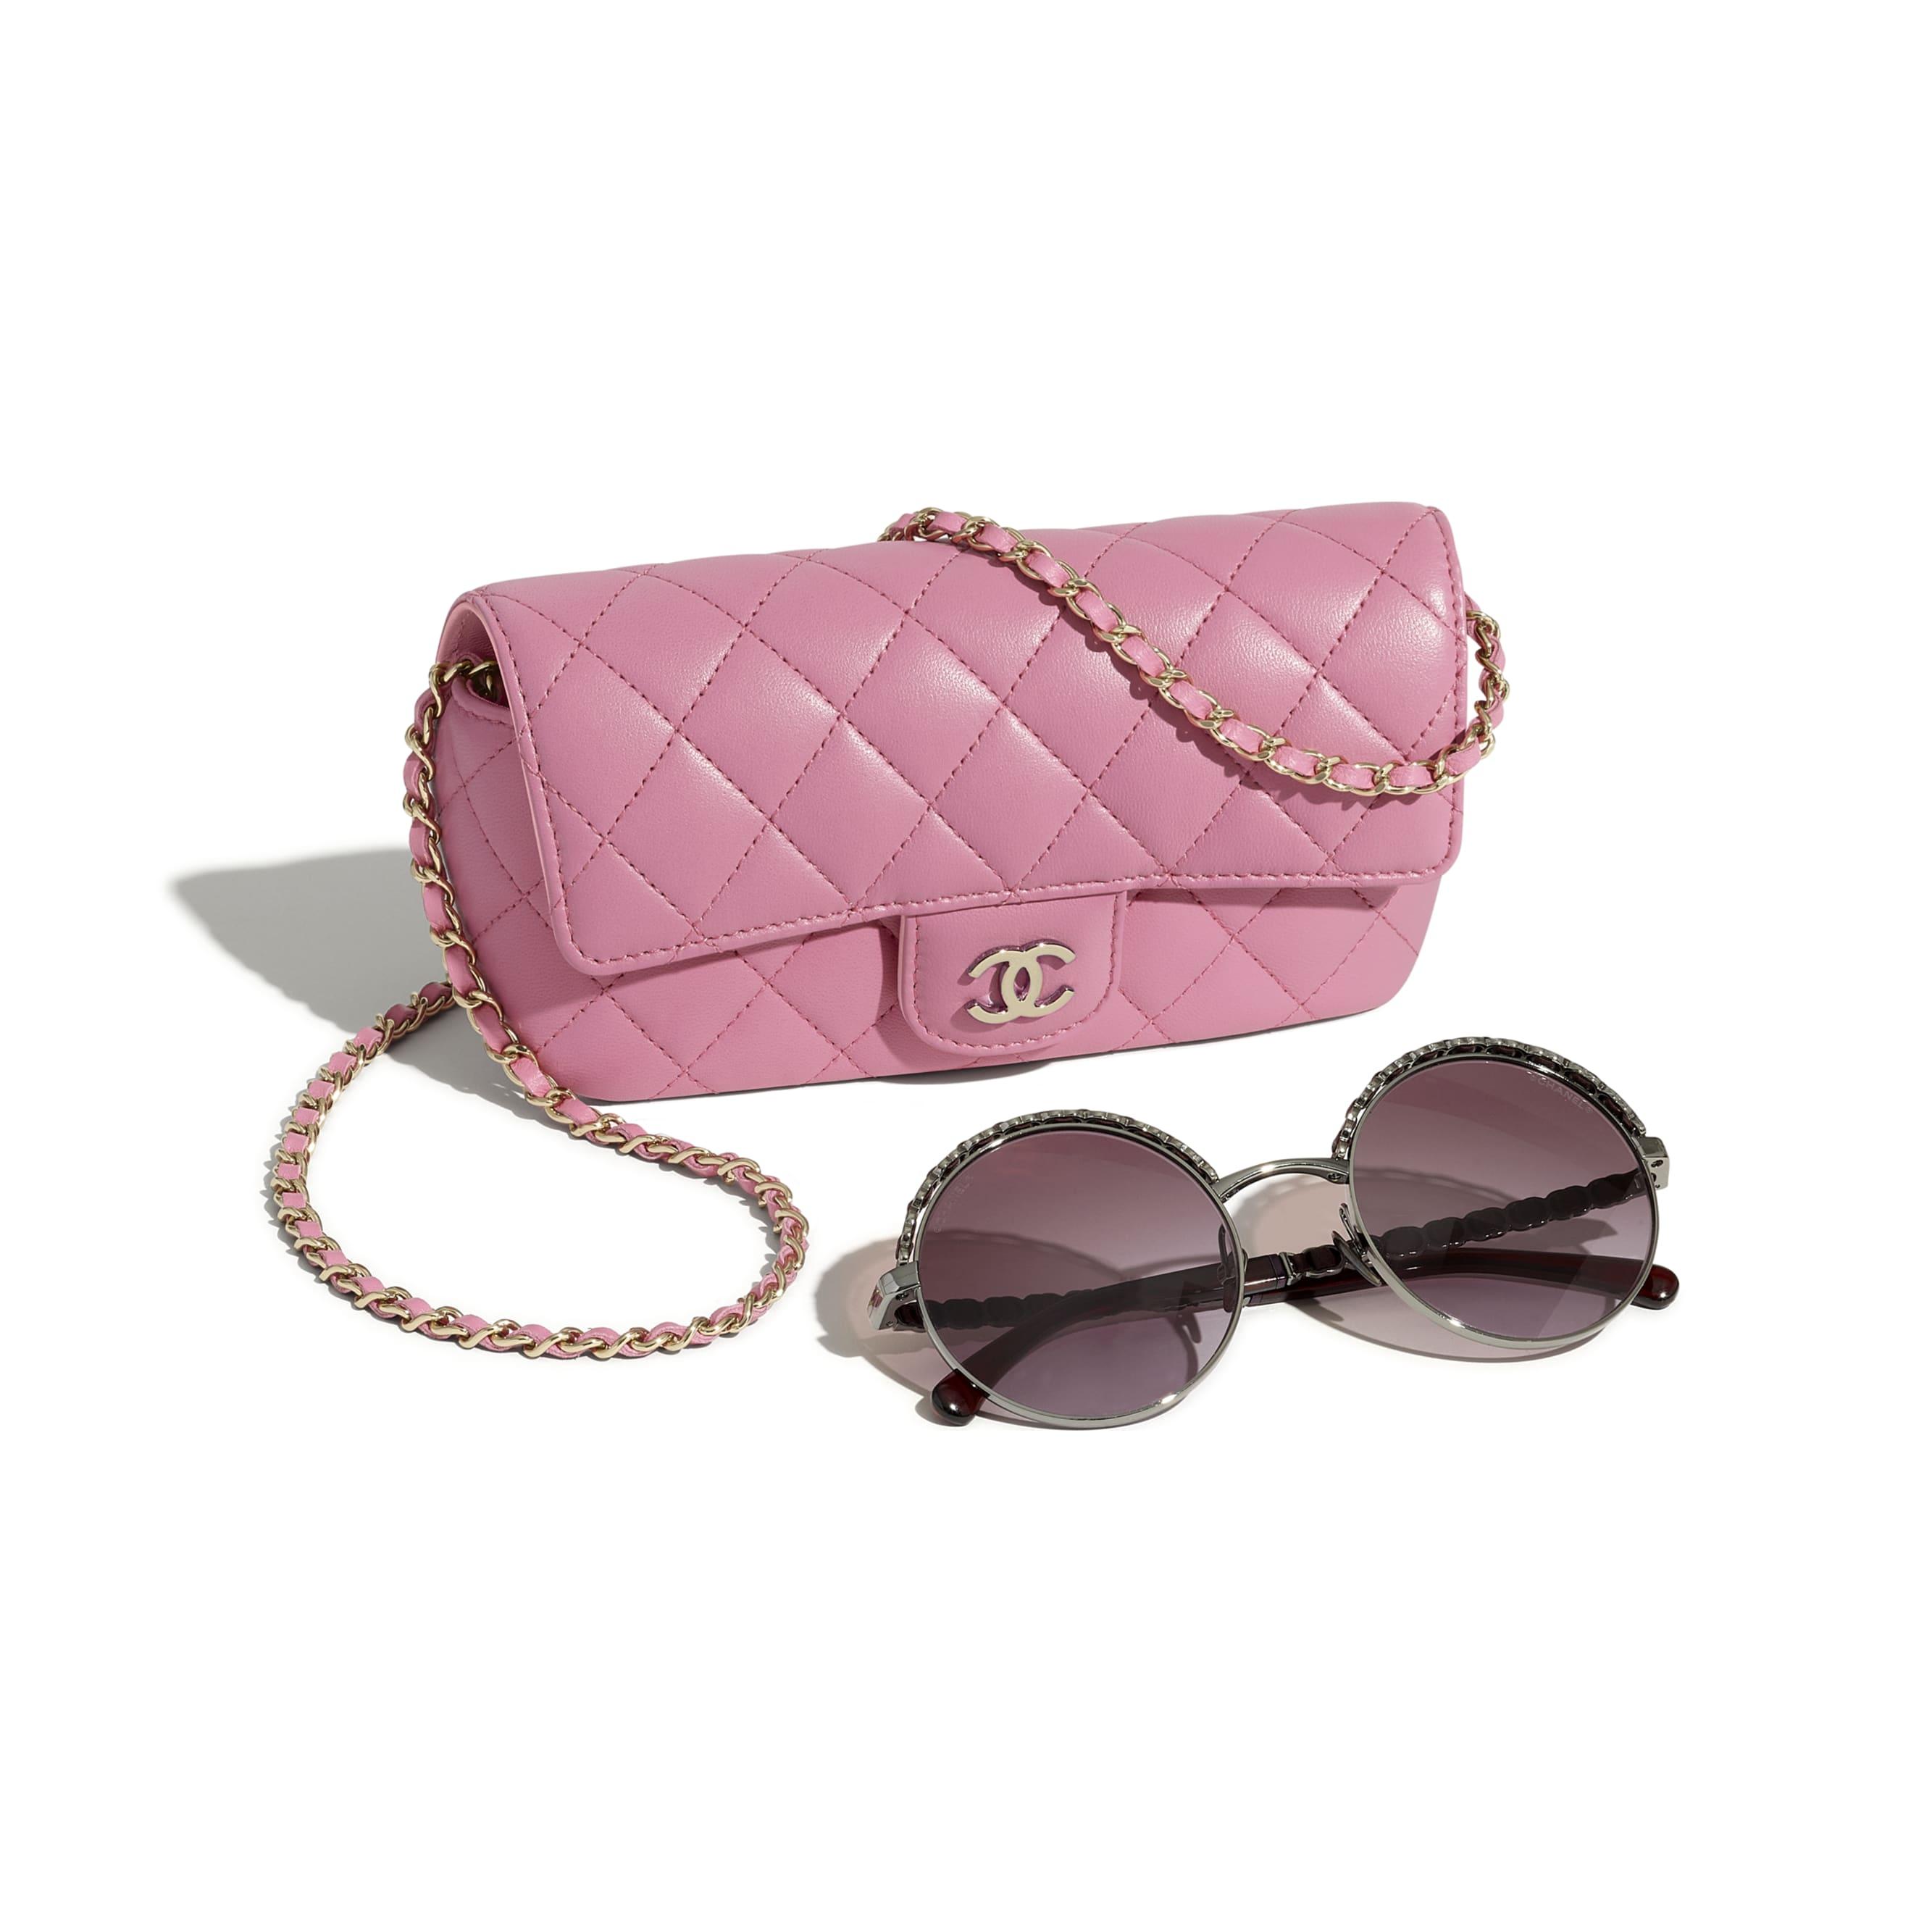 經典鍊子眼鏡包 - 粉紅 - 小羊皮與金色金屬 - CHANEL - 額外視圖 - 查看標準尺寸版本